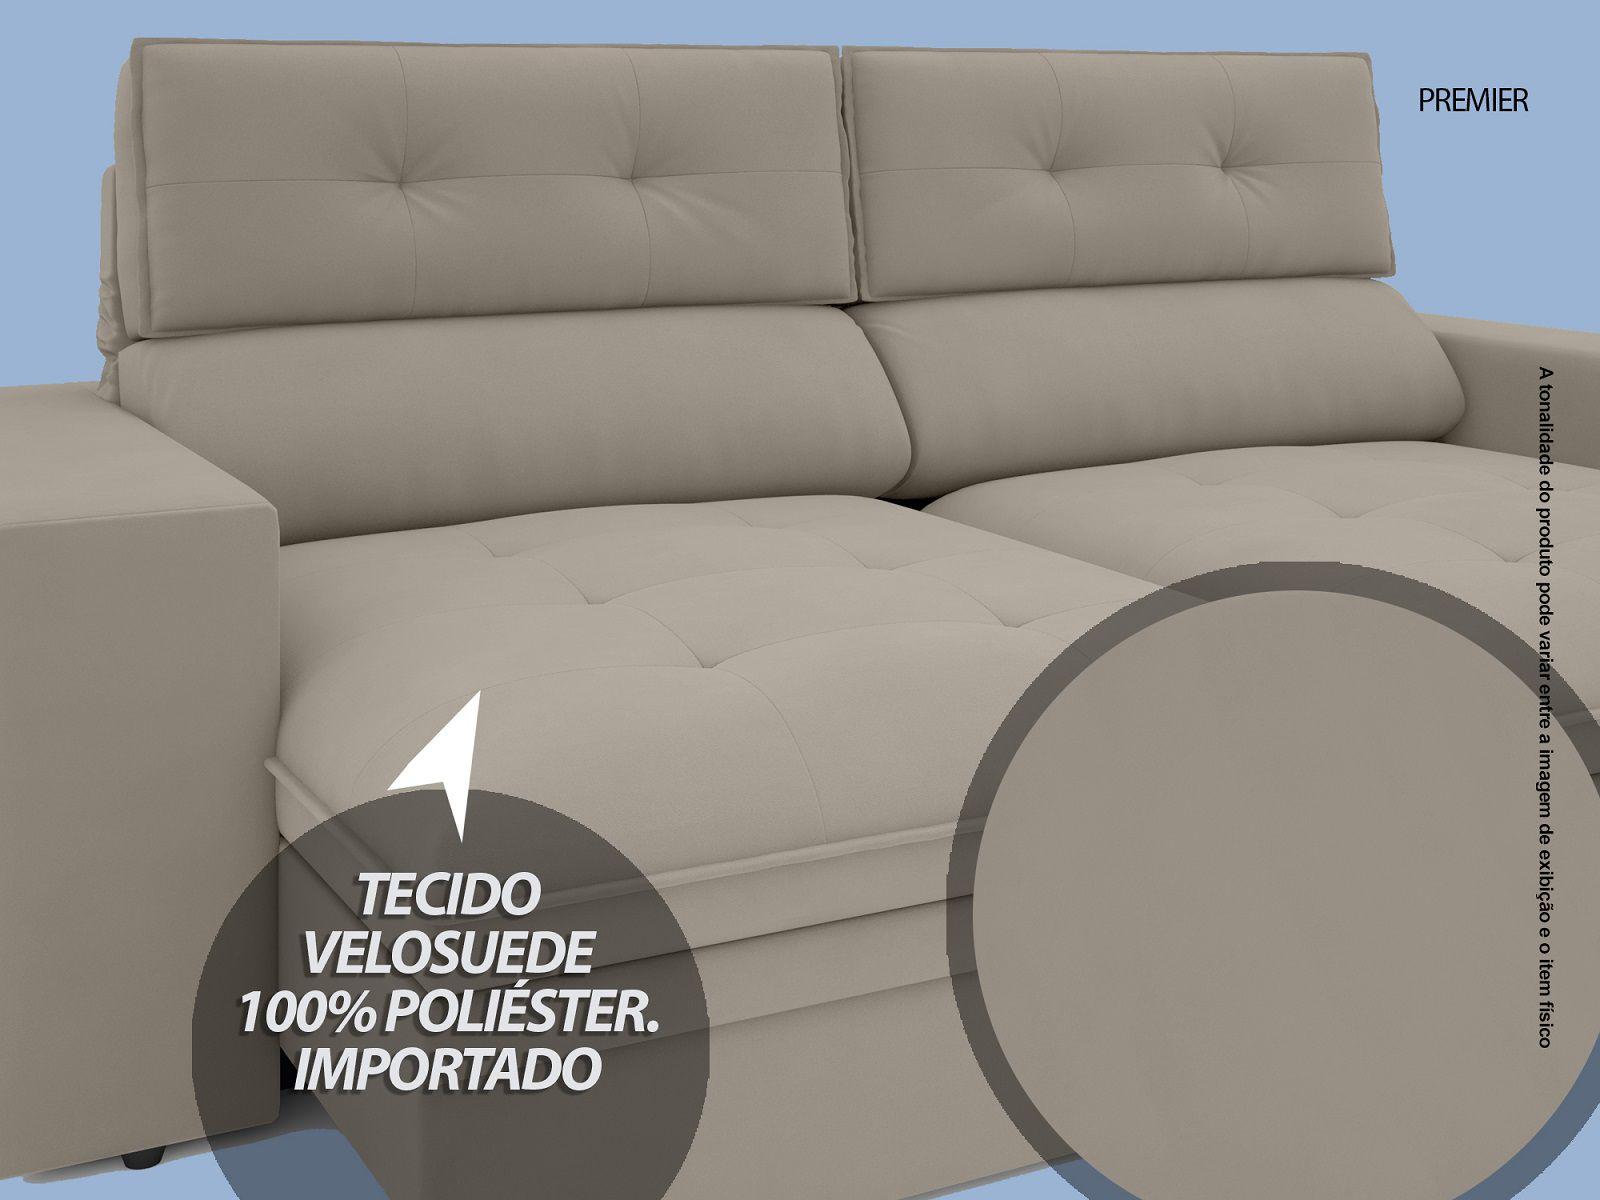 Sofá Premier 2,23m Retrátil e Reclinável Com Baú Velosuede Areia - NETSOFAS